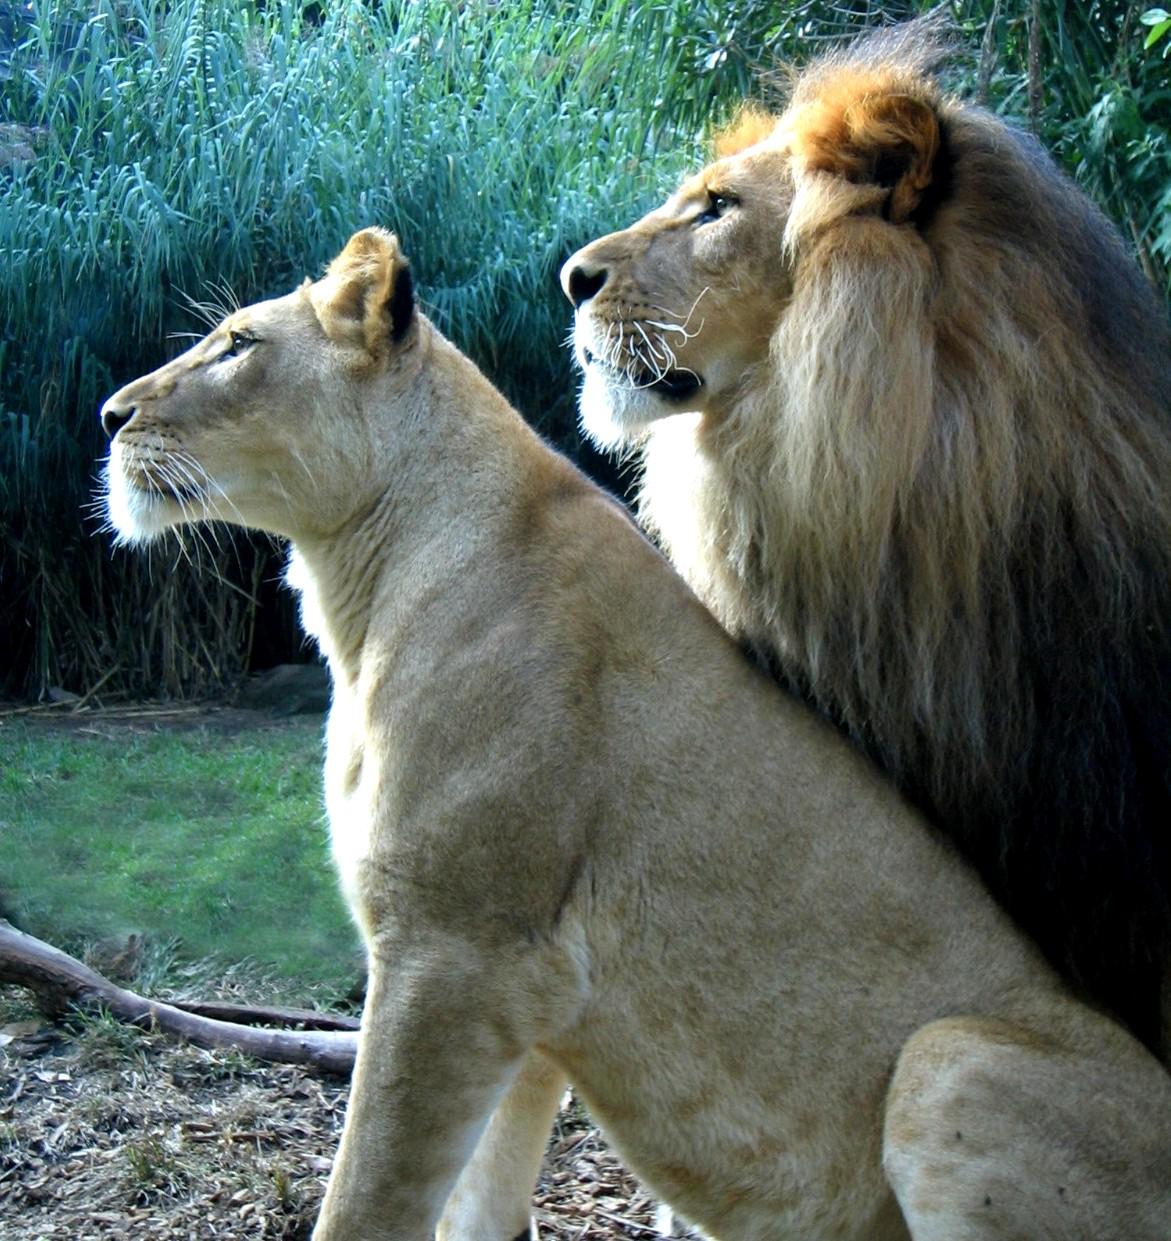 Lions in Taronga Zoo